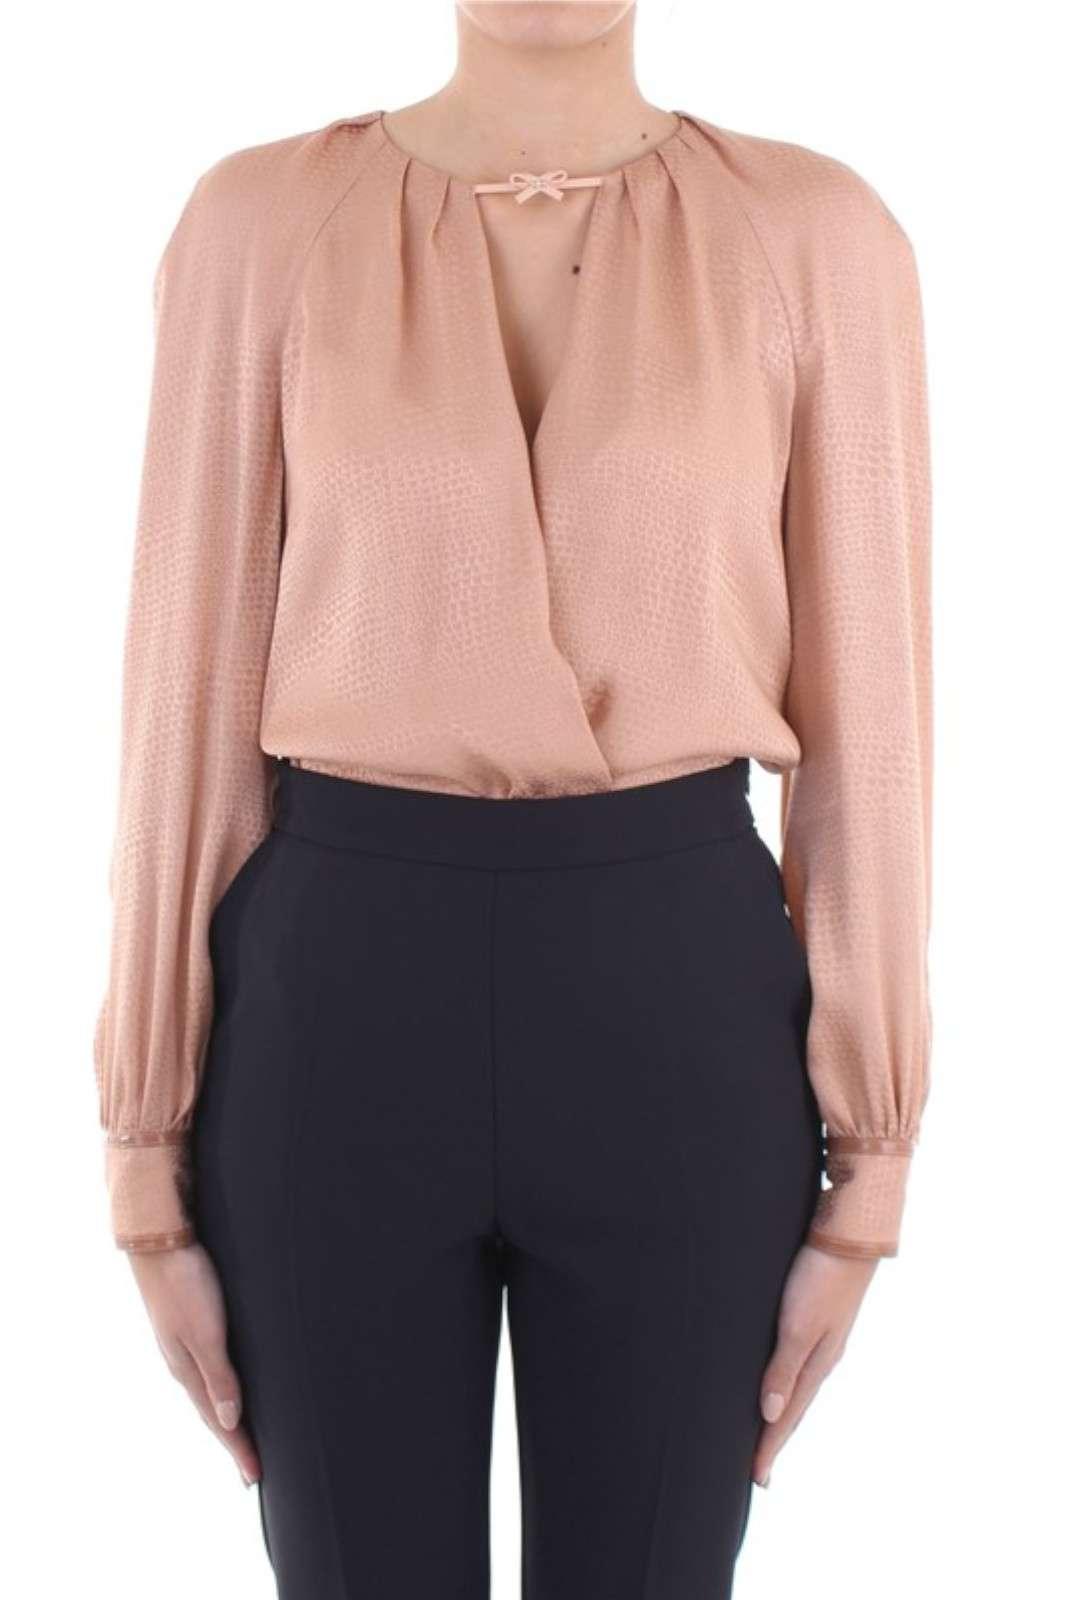 Camicia a body incrociata sul davanti per un abbigliamento comodo ed elegante . Un sottogiacca adatto in ufficio ma anche per le serate glamour.